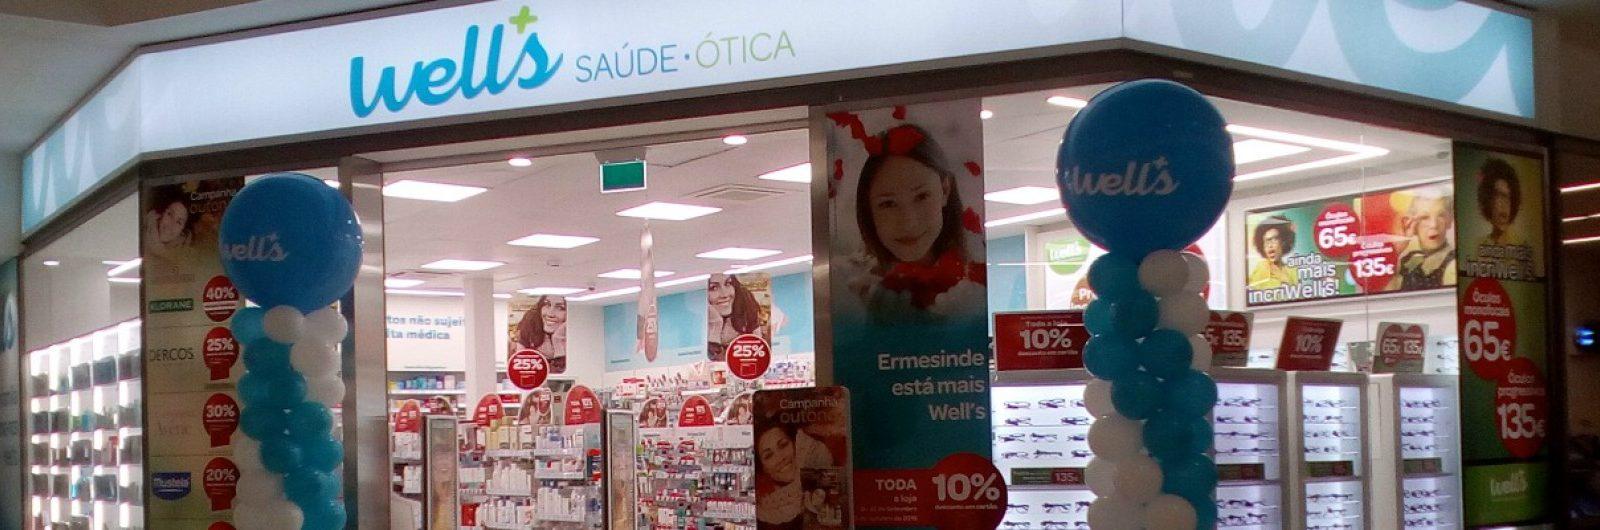 Franchising Well's abre 186ª loja no país